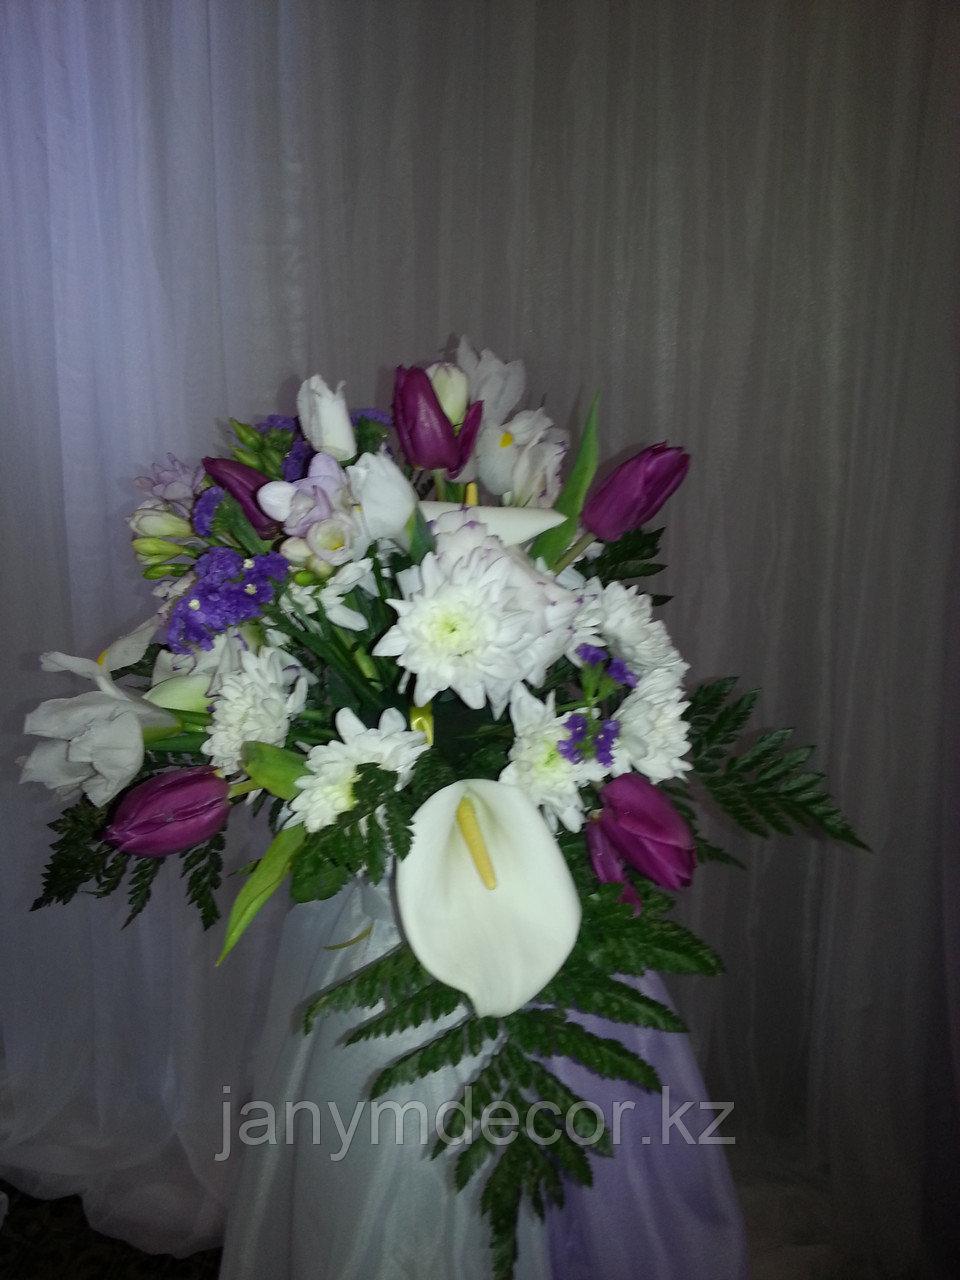 Оформление живыми цветами в Алматы - фото 2